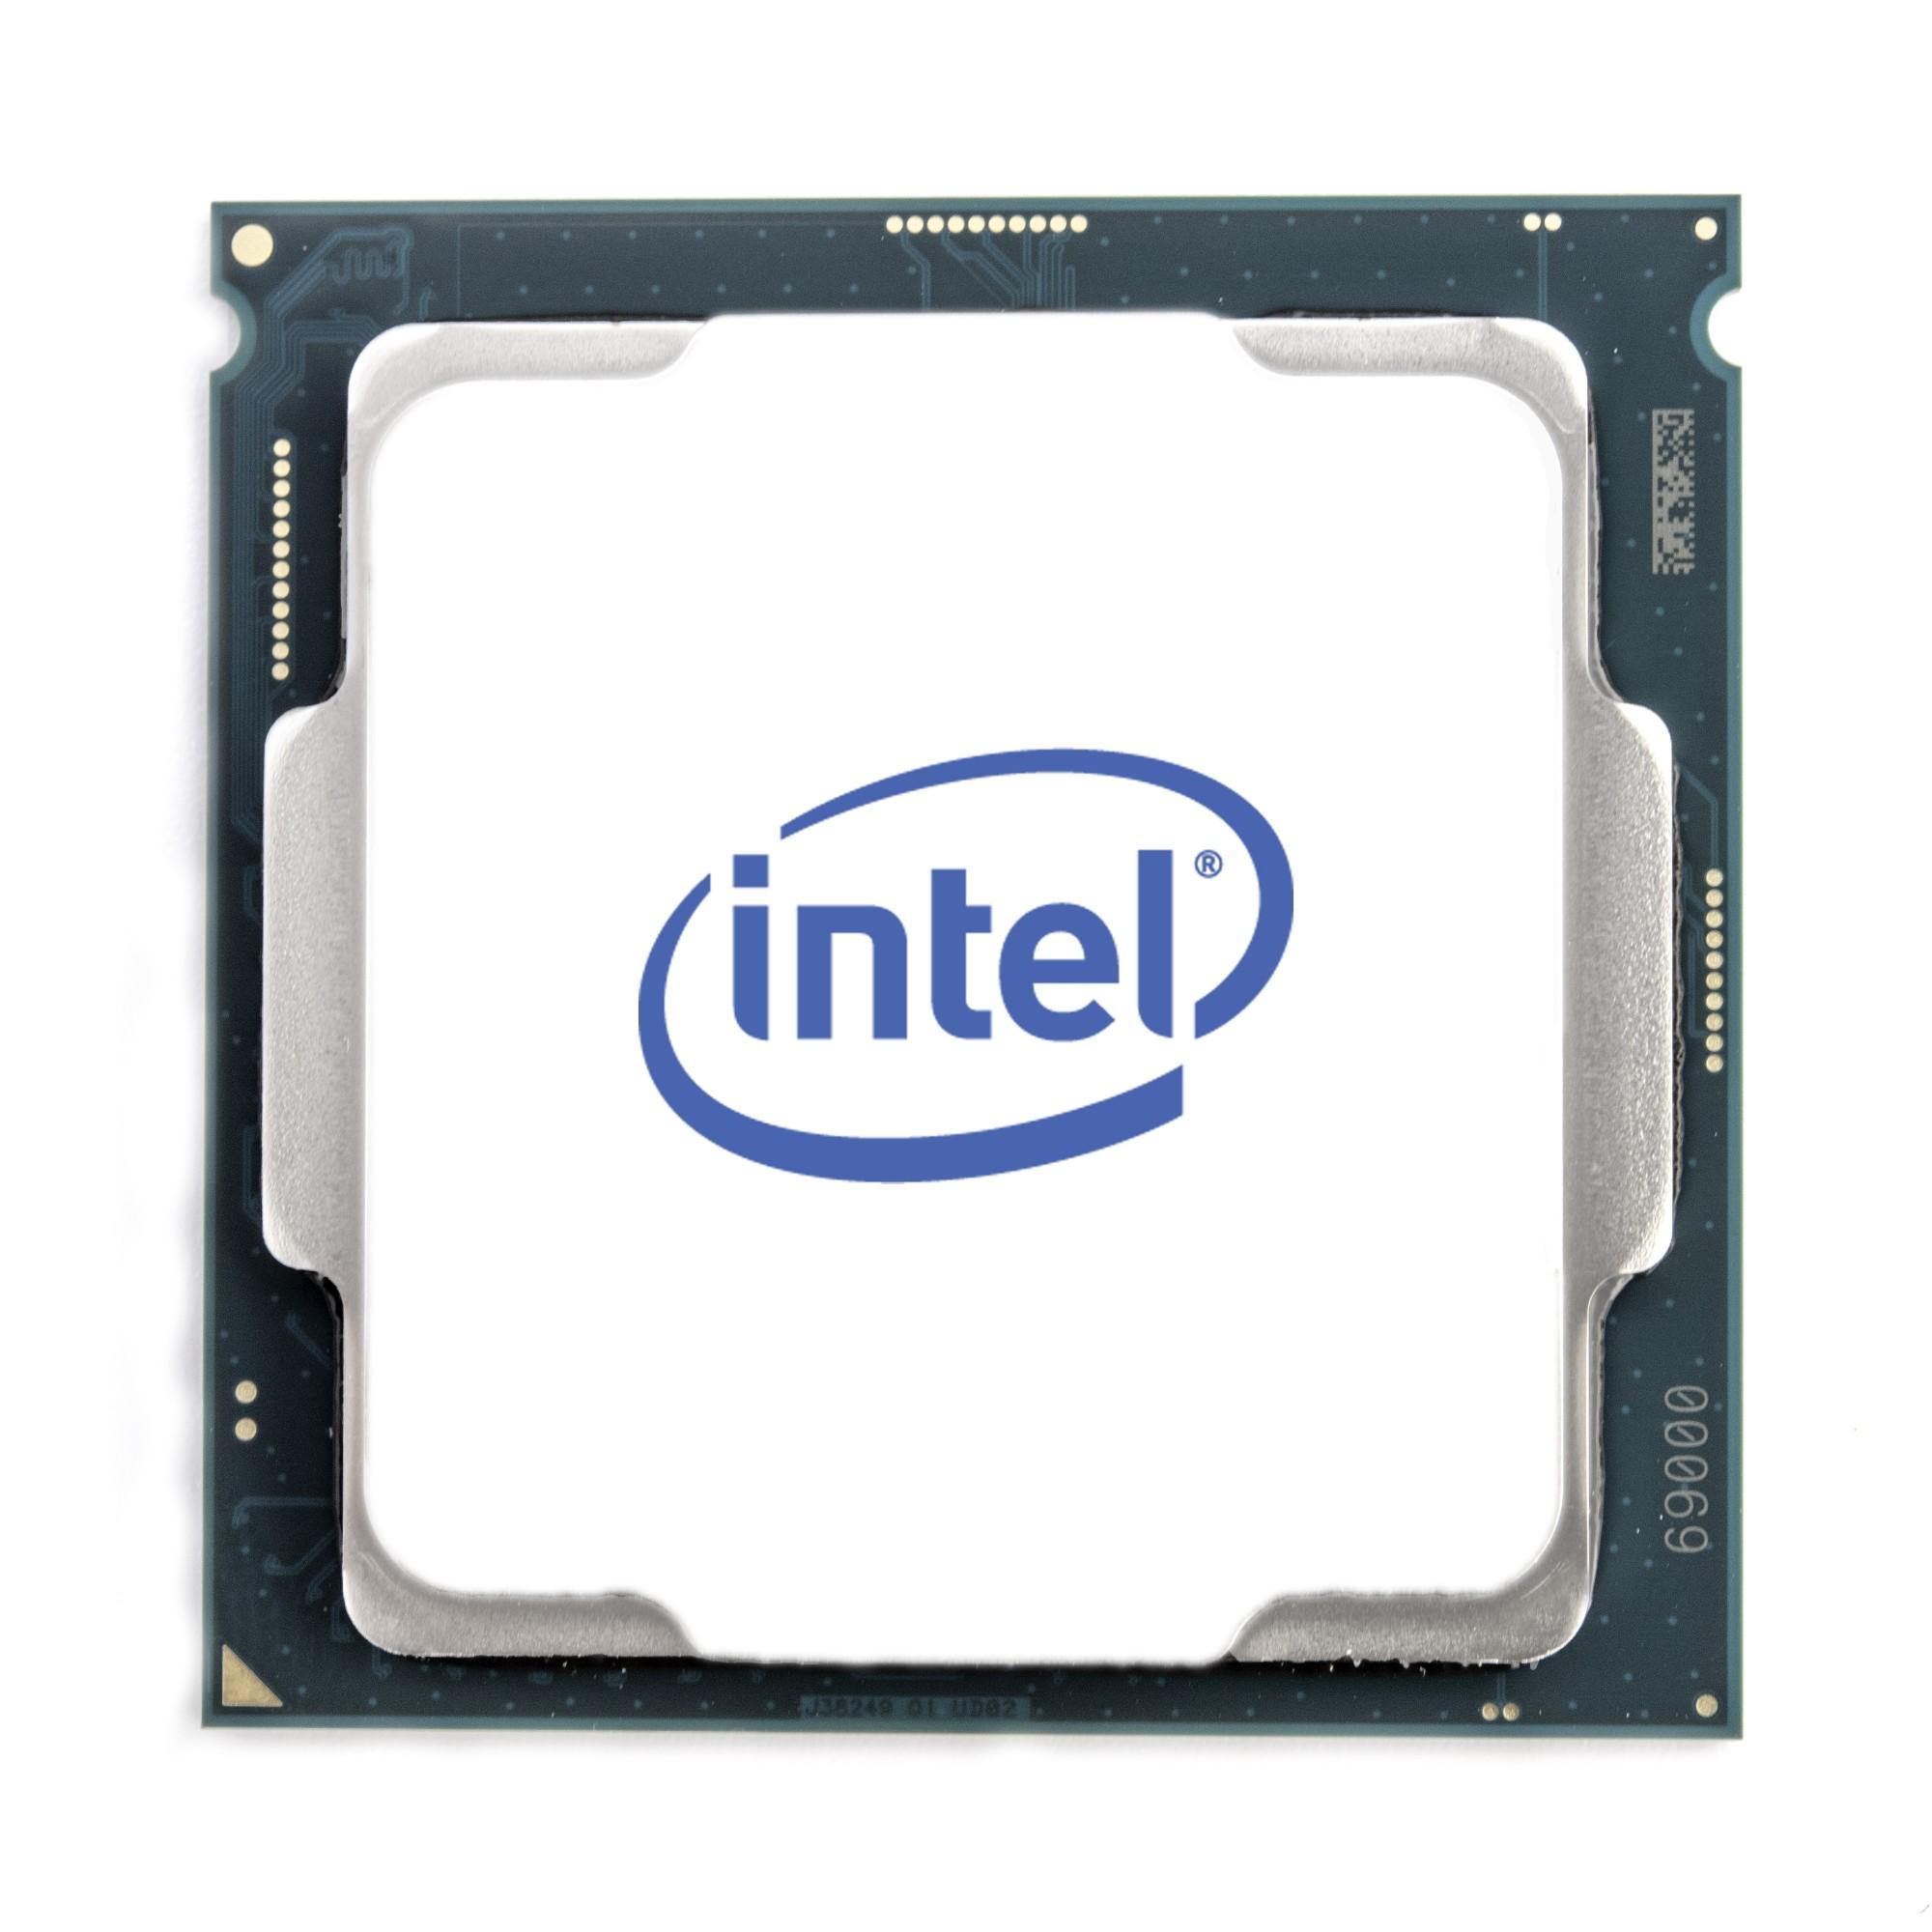 Intel Core i3-10105 processor 3.7 GHz 6 MB Smart Cache Box